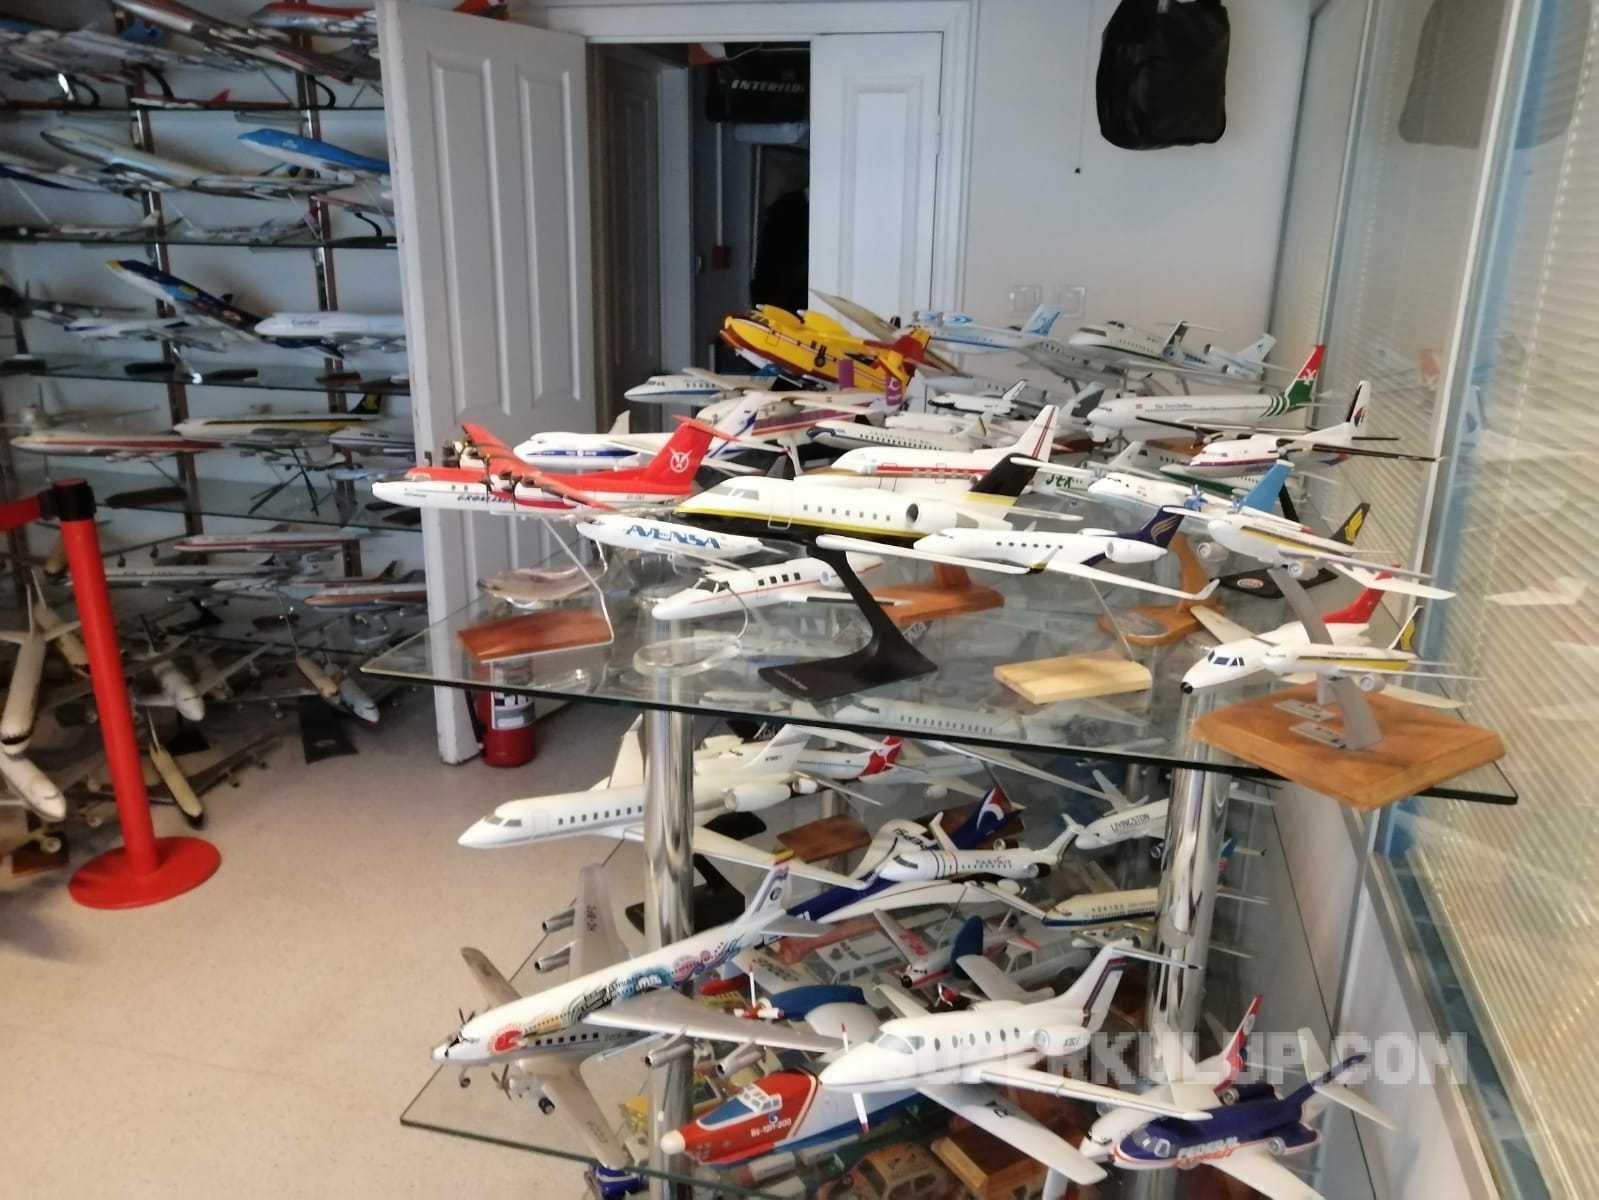 IMG 20210205 WA0071 - İşadamı Gökhan Sarıgöl'ün 2.5 milyon dolarlık maket uçağı var!